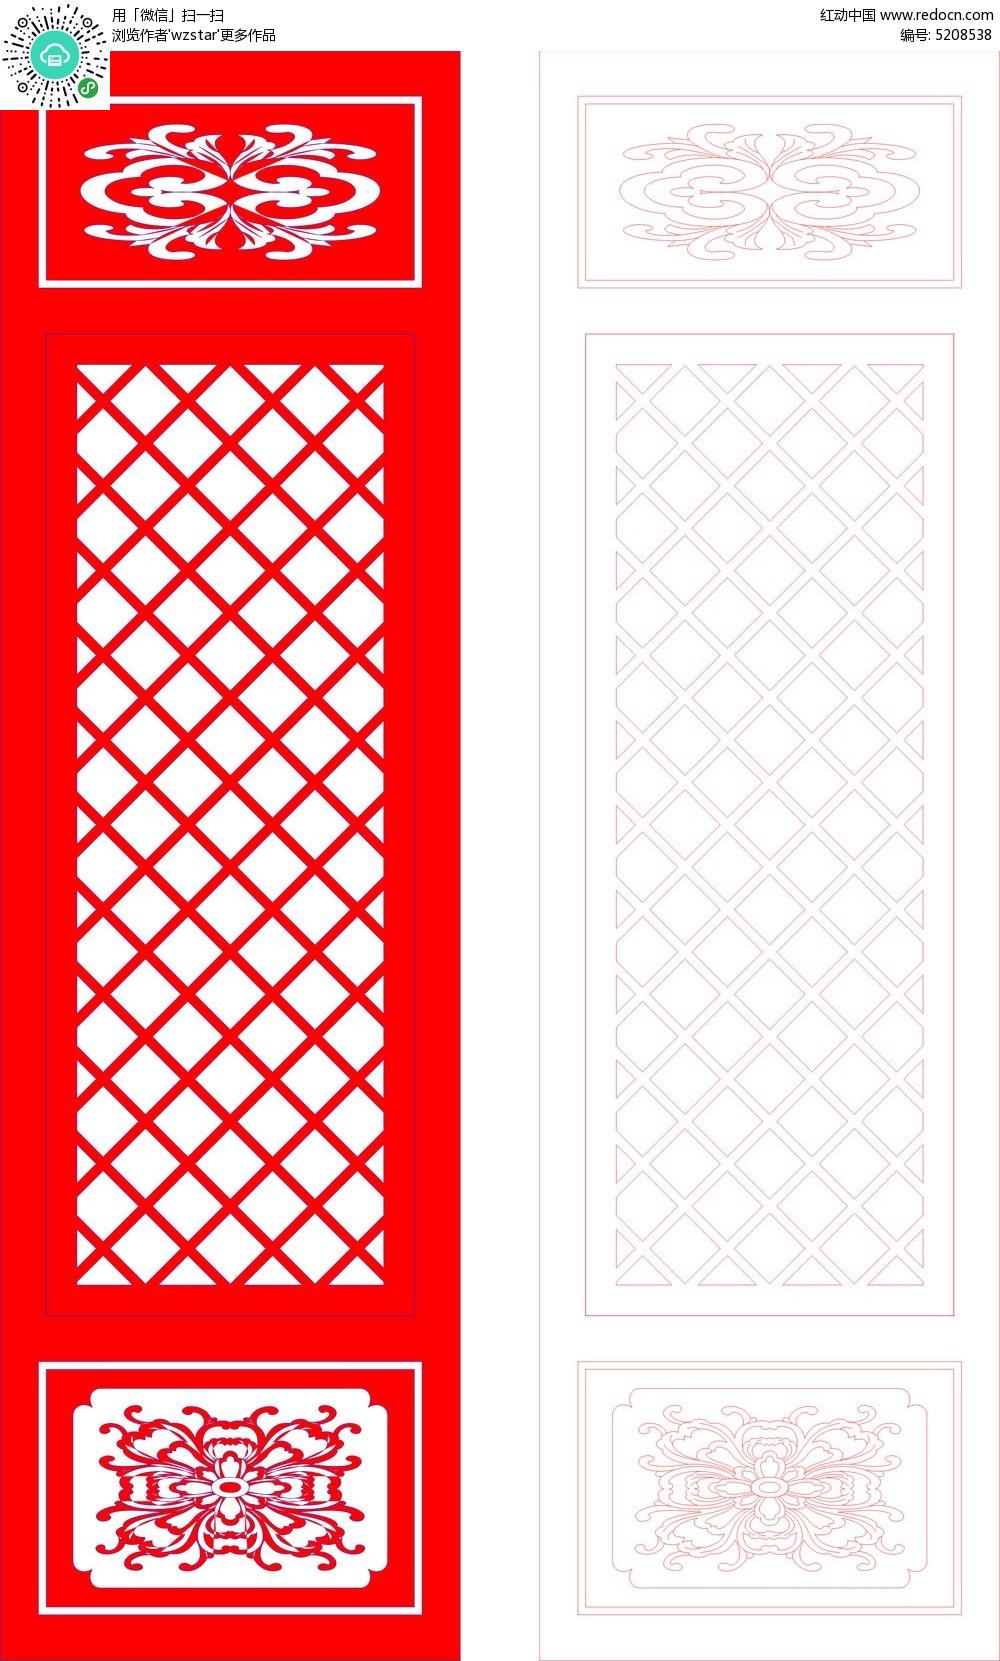 斜纹菱形镂空 边框剪纸 图案参考cad免费下载